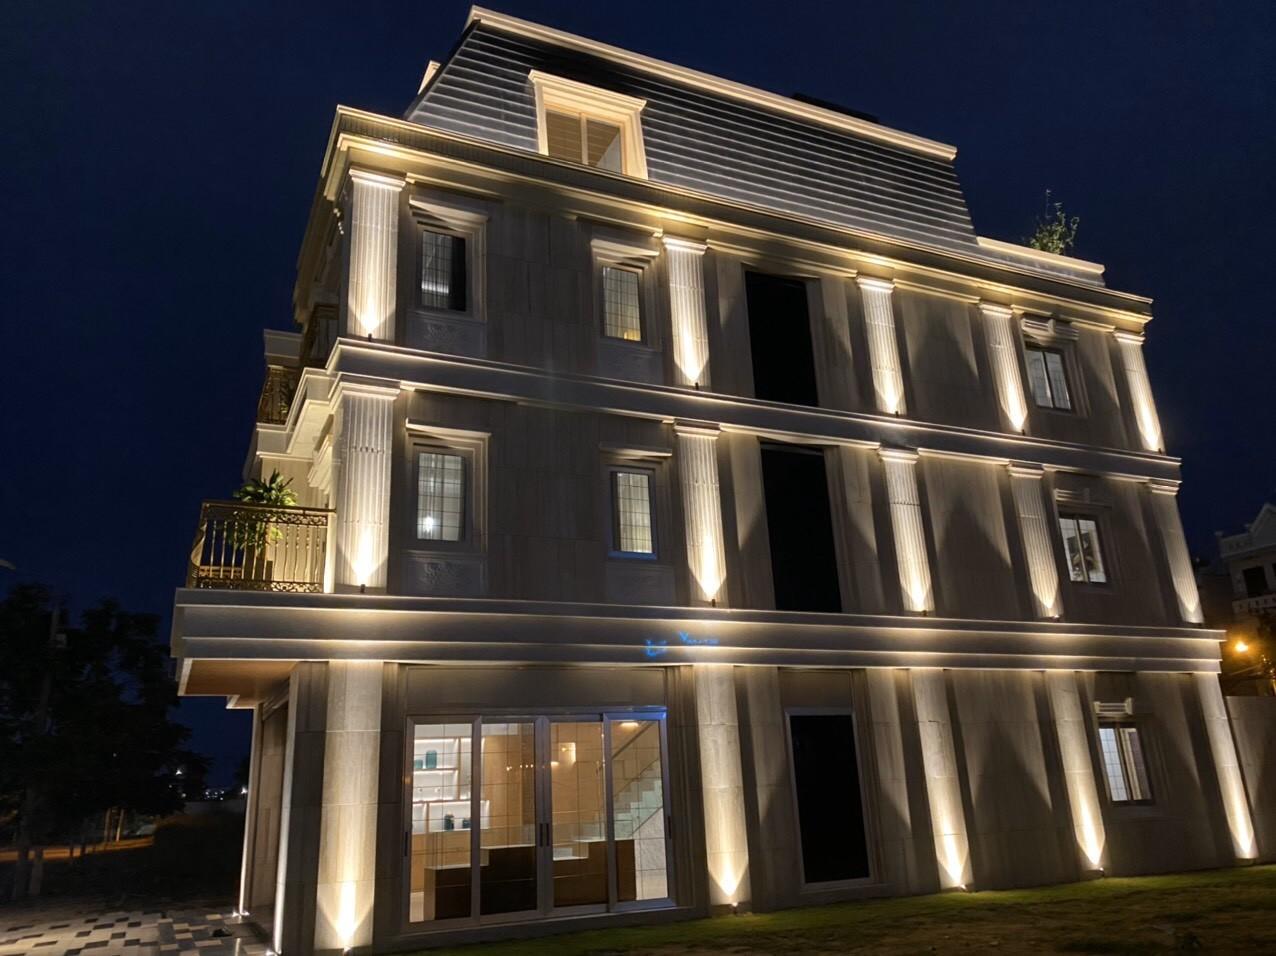 Le Pavillon Đà Nẵng – Shophouse 6 sao đầu tiên của đất xanh miền Trung-1